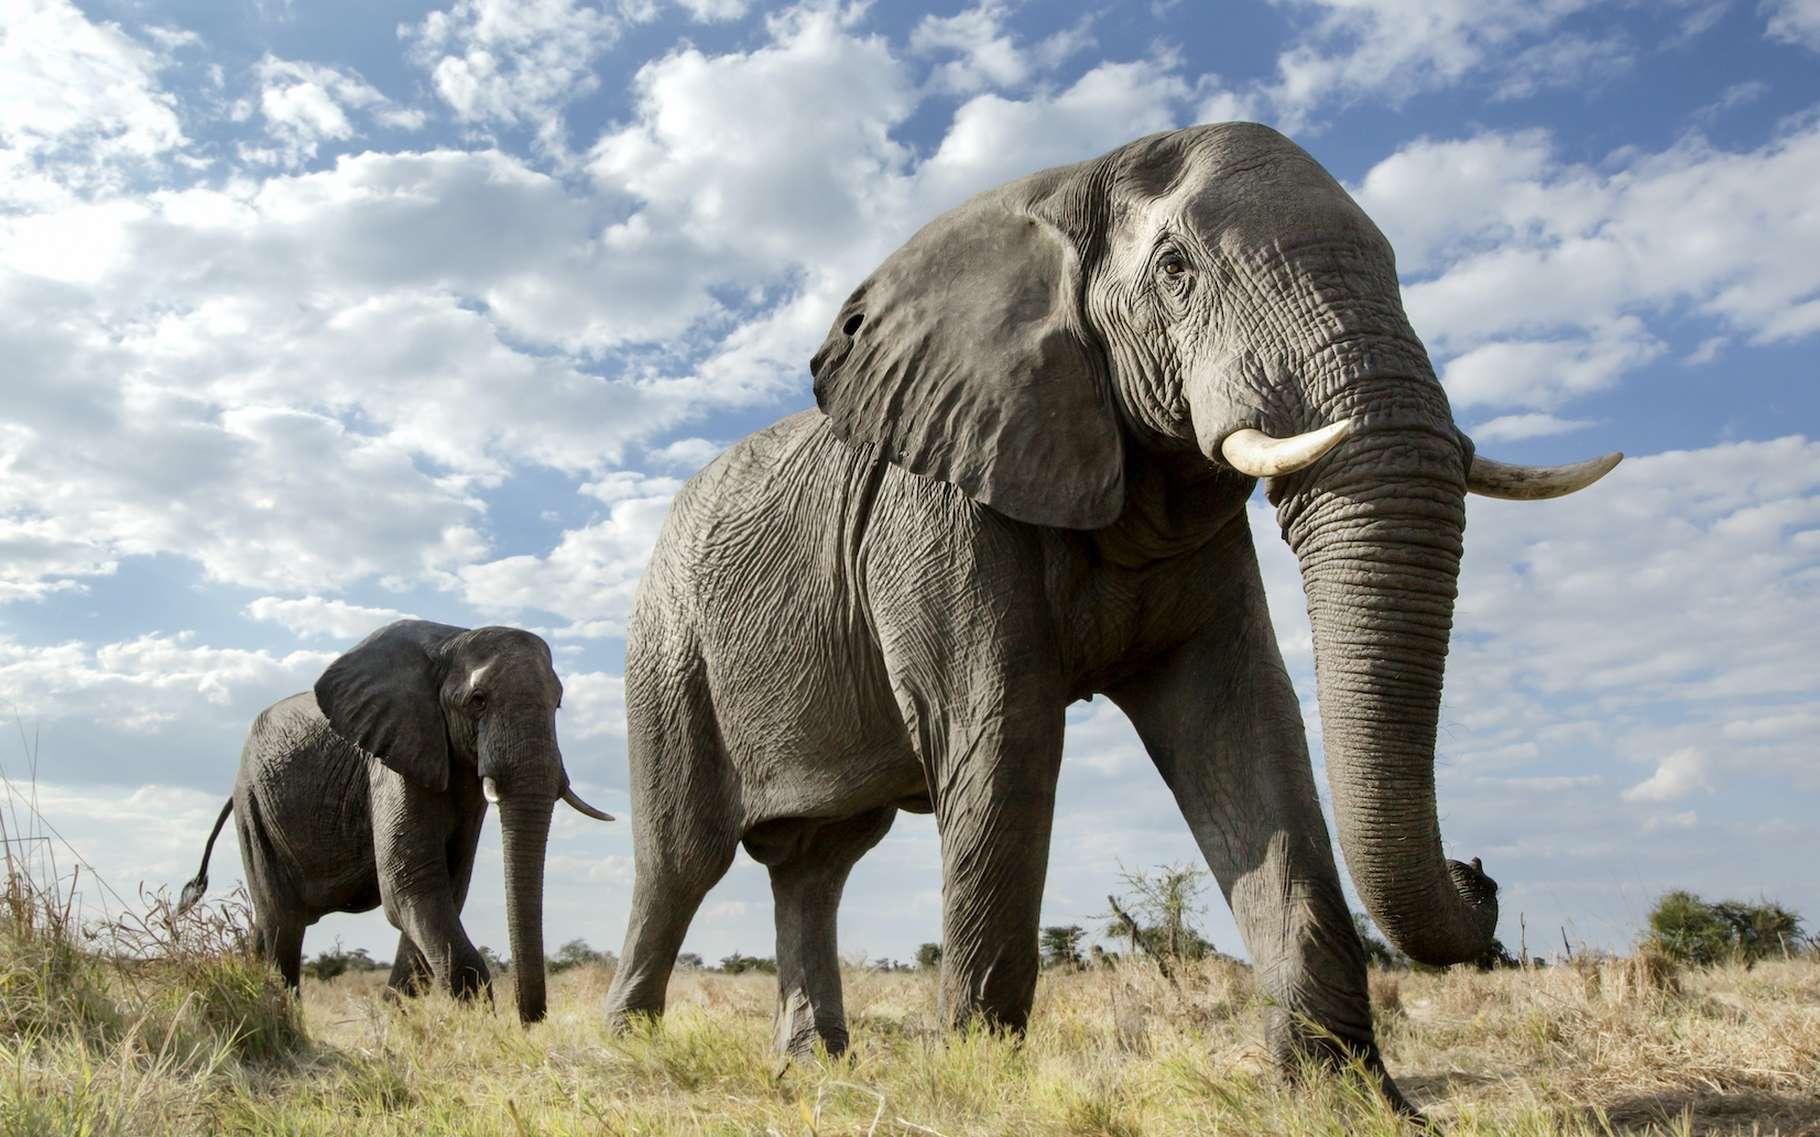 Des centaines d'éléphants morts dans des circonstances mystérieuses